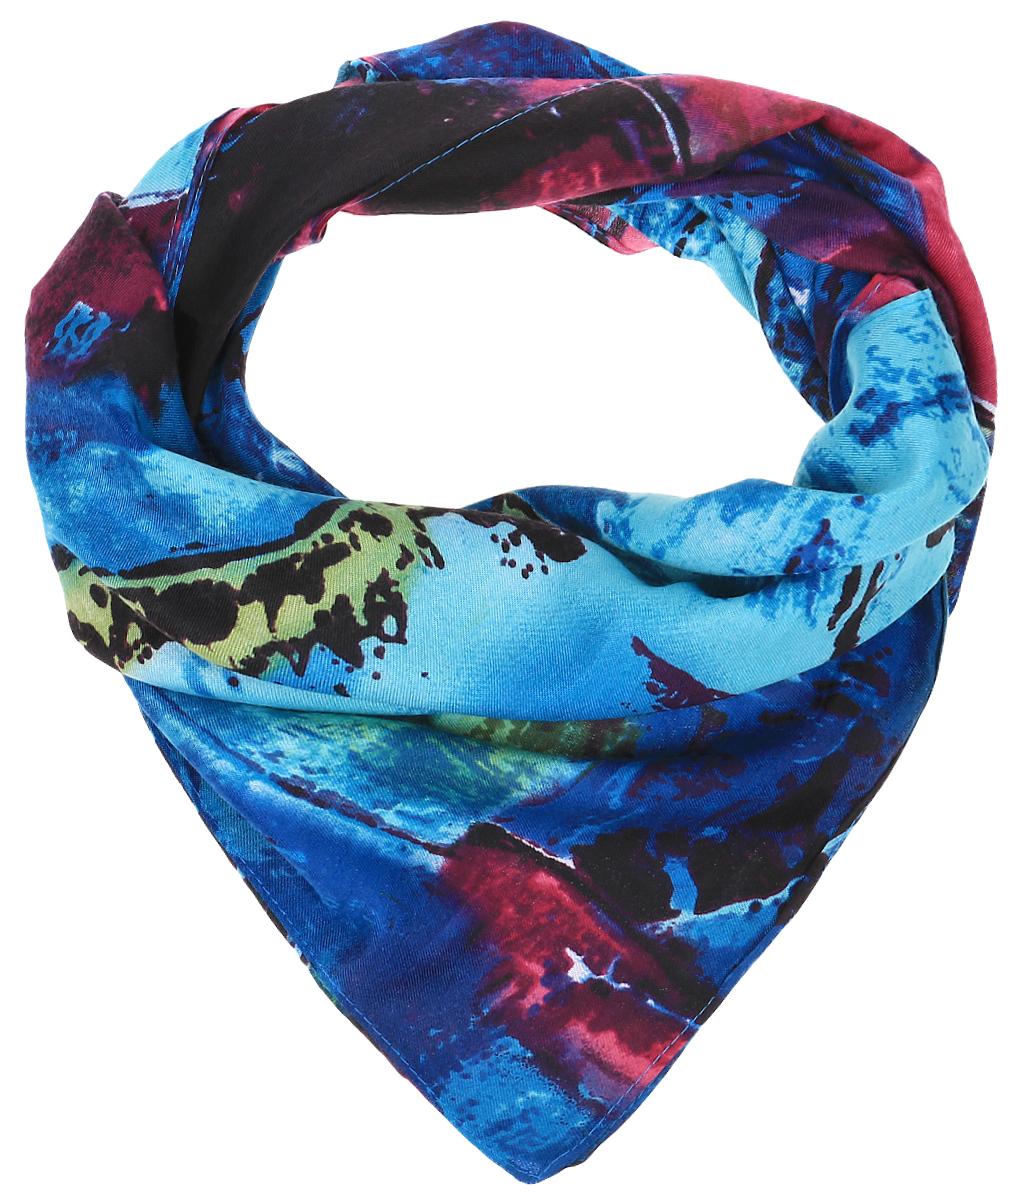 ПлатокRoFC816/5-6Стильный женский платок Vita Pelle изготовлен из высококачественной вискозы с добавлением шелка и рами. Платок оформлен ярким абстрактным принтом. Край отделан швом американка.